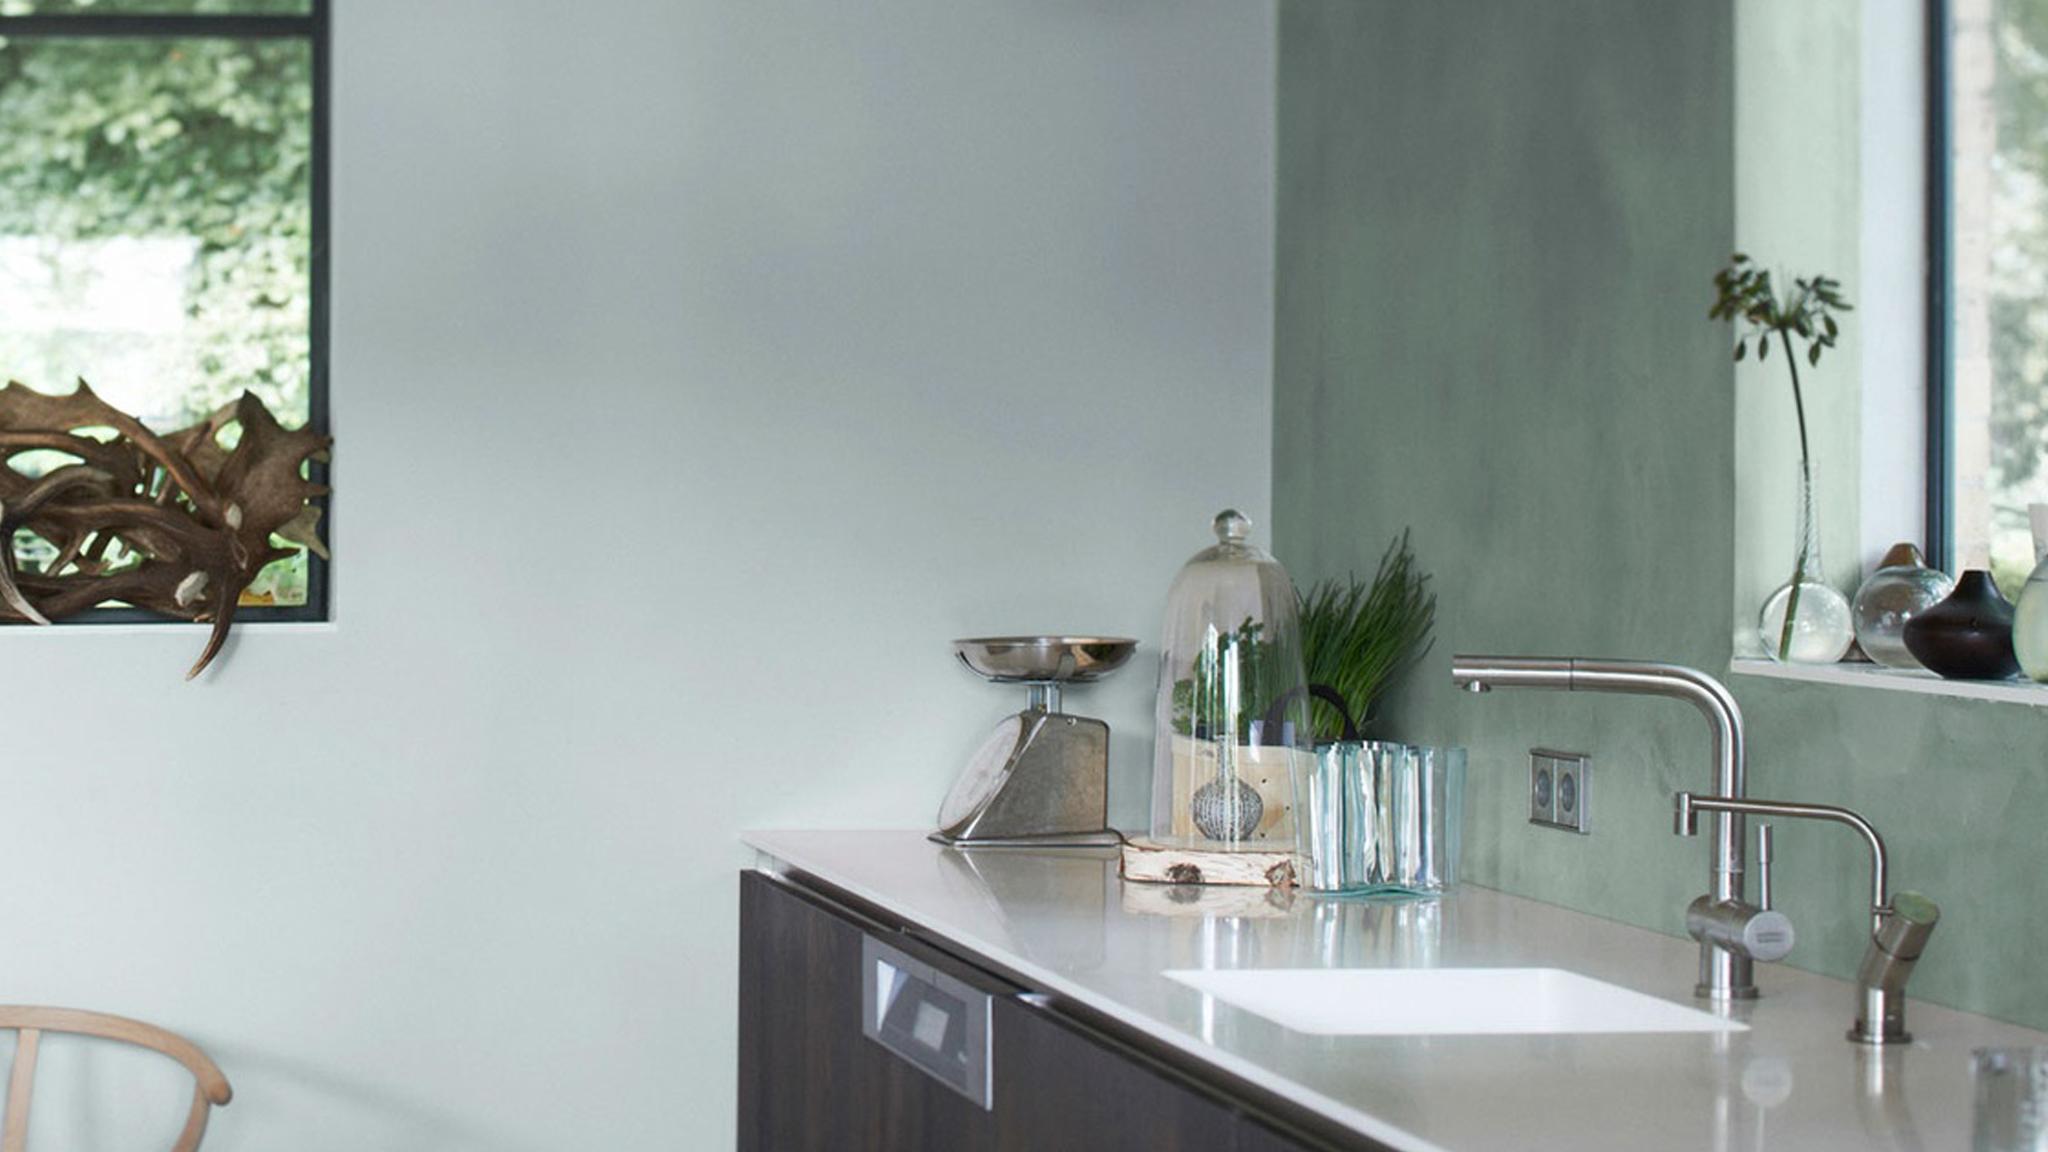 Keuken Schilderen In Vijf Eenvoudige Stappen Levis